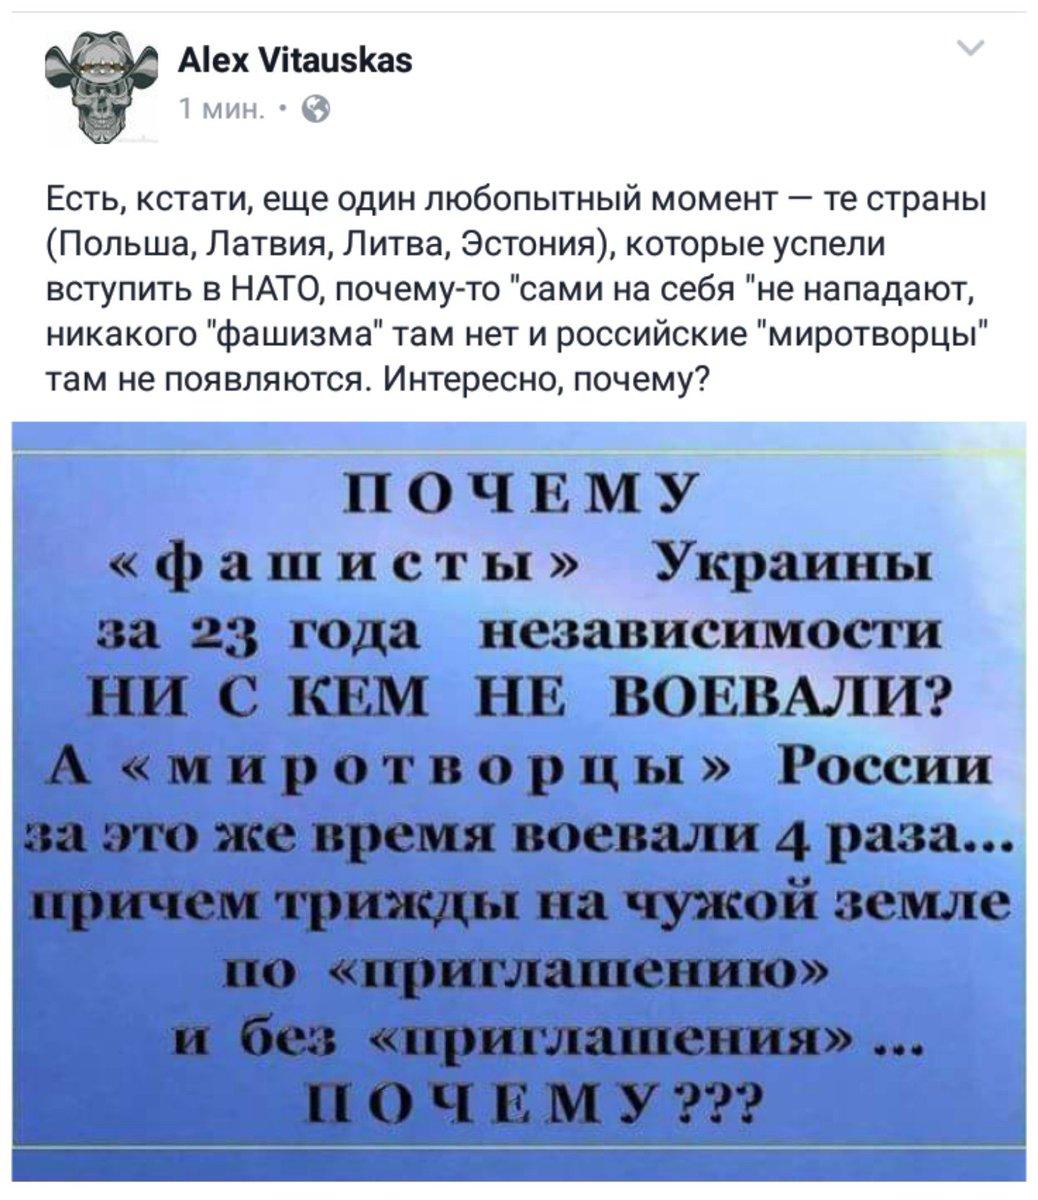 Климкин и его грузинский коллега Джанелидзе призвали международное сообщество усилить солидарную поддержку суверенитета Украины и Грузии - Цензор.НЕТ 1971